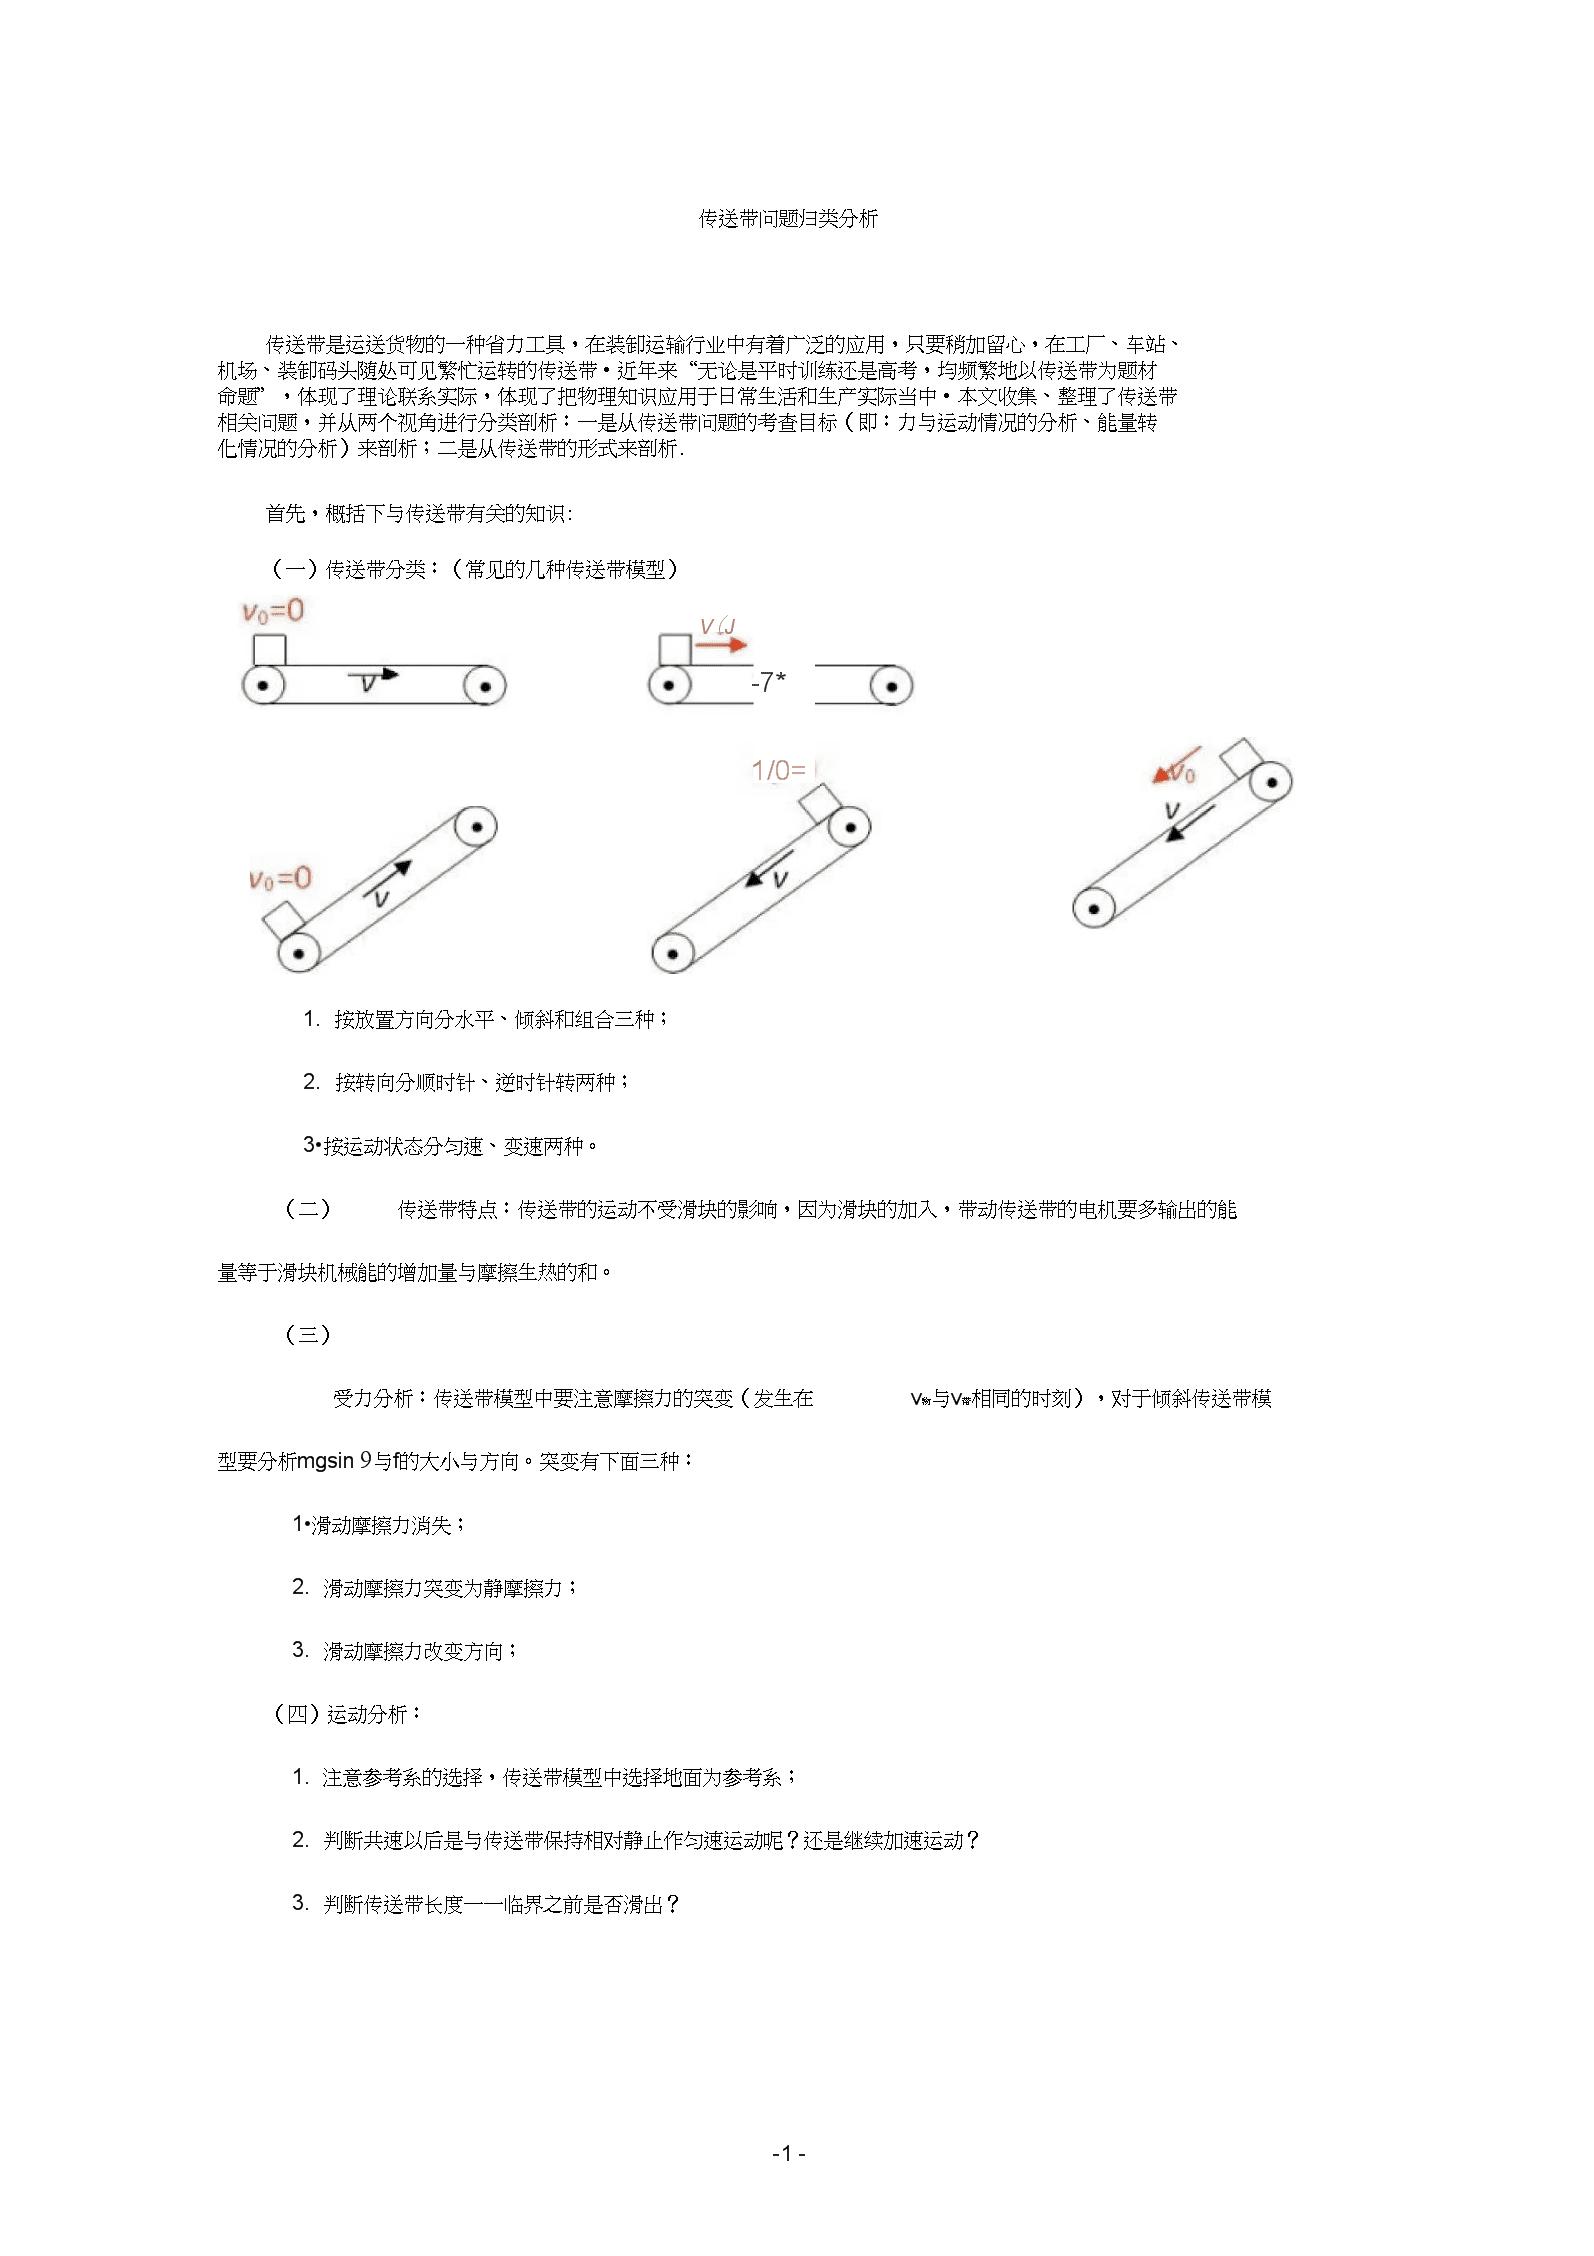 传送带问题归类分析汇总.docx